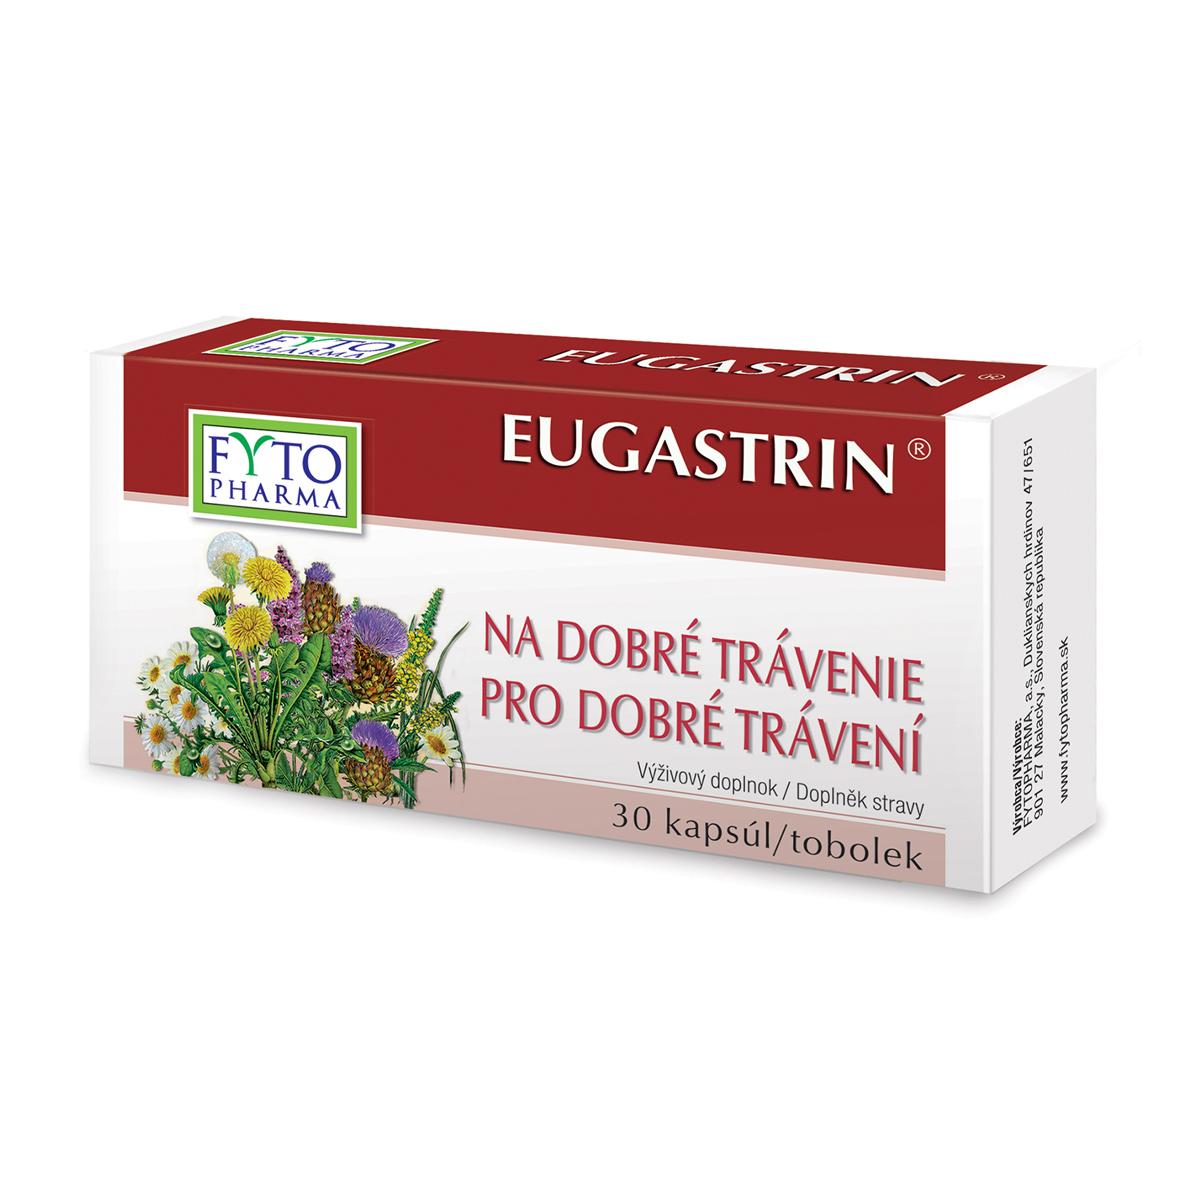 Fytopharma EUGASTRIN® tobolky na dobré trávení 30 cps